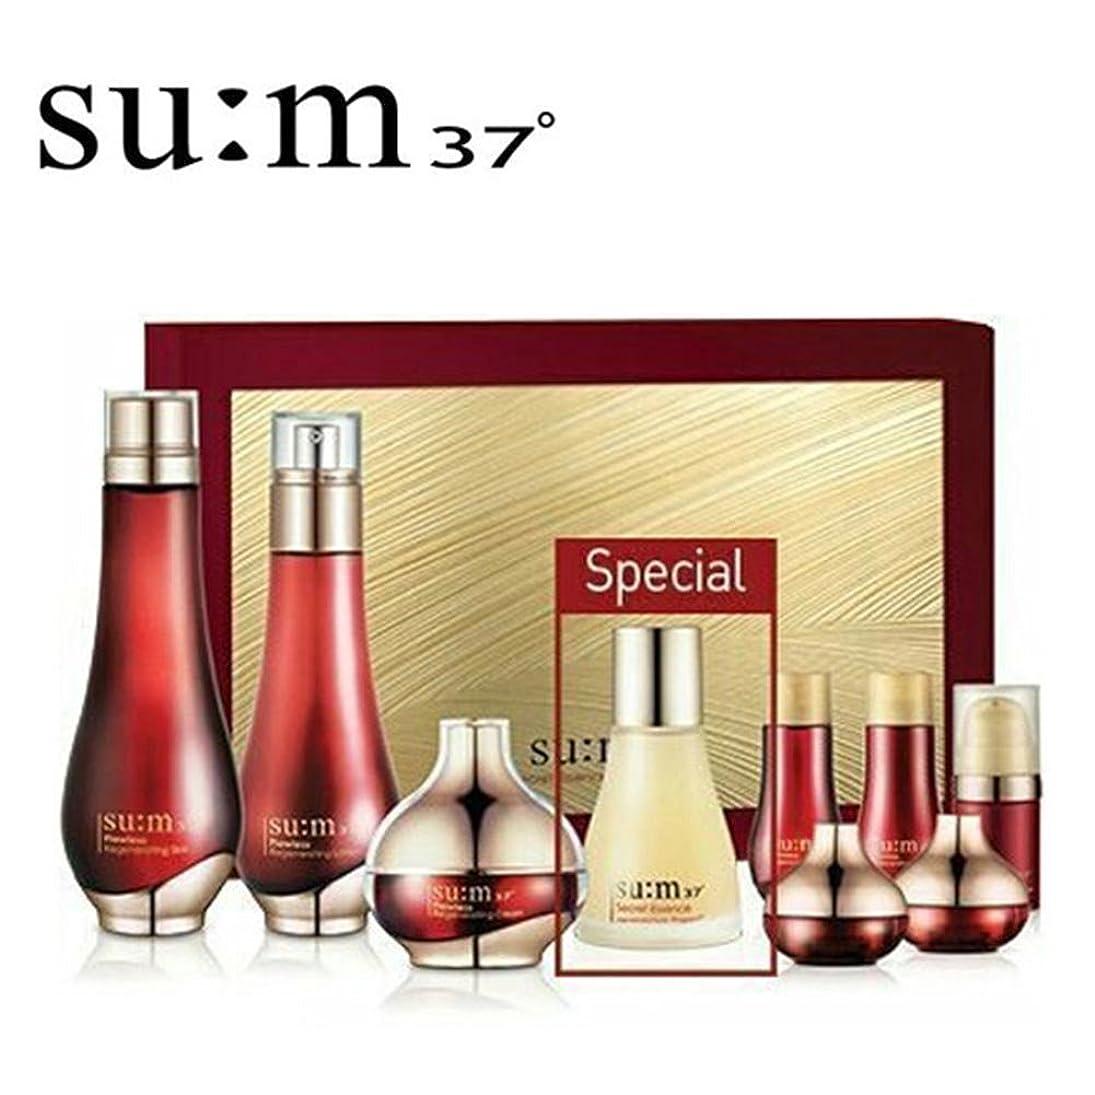 テレビを見るどういたしまして対人[su:m37/スム37°] SUM37 Flowless Special Set/ sum37 スム37? フローレス 3種 企画セット +[Sample Gift](海外直送品)